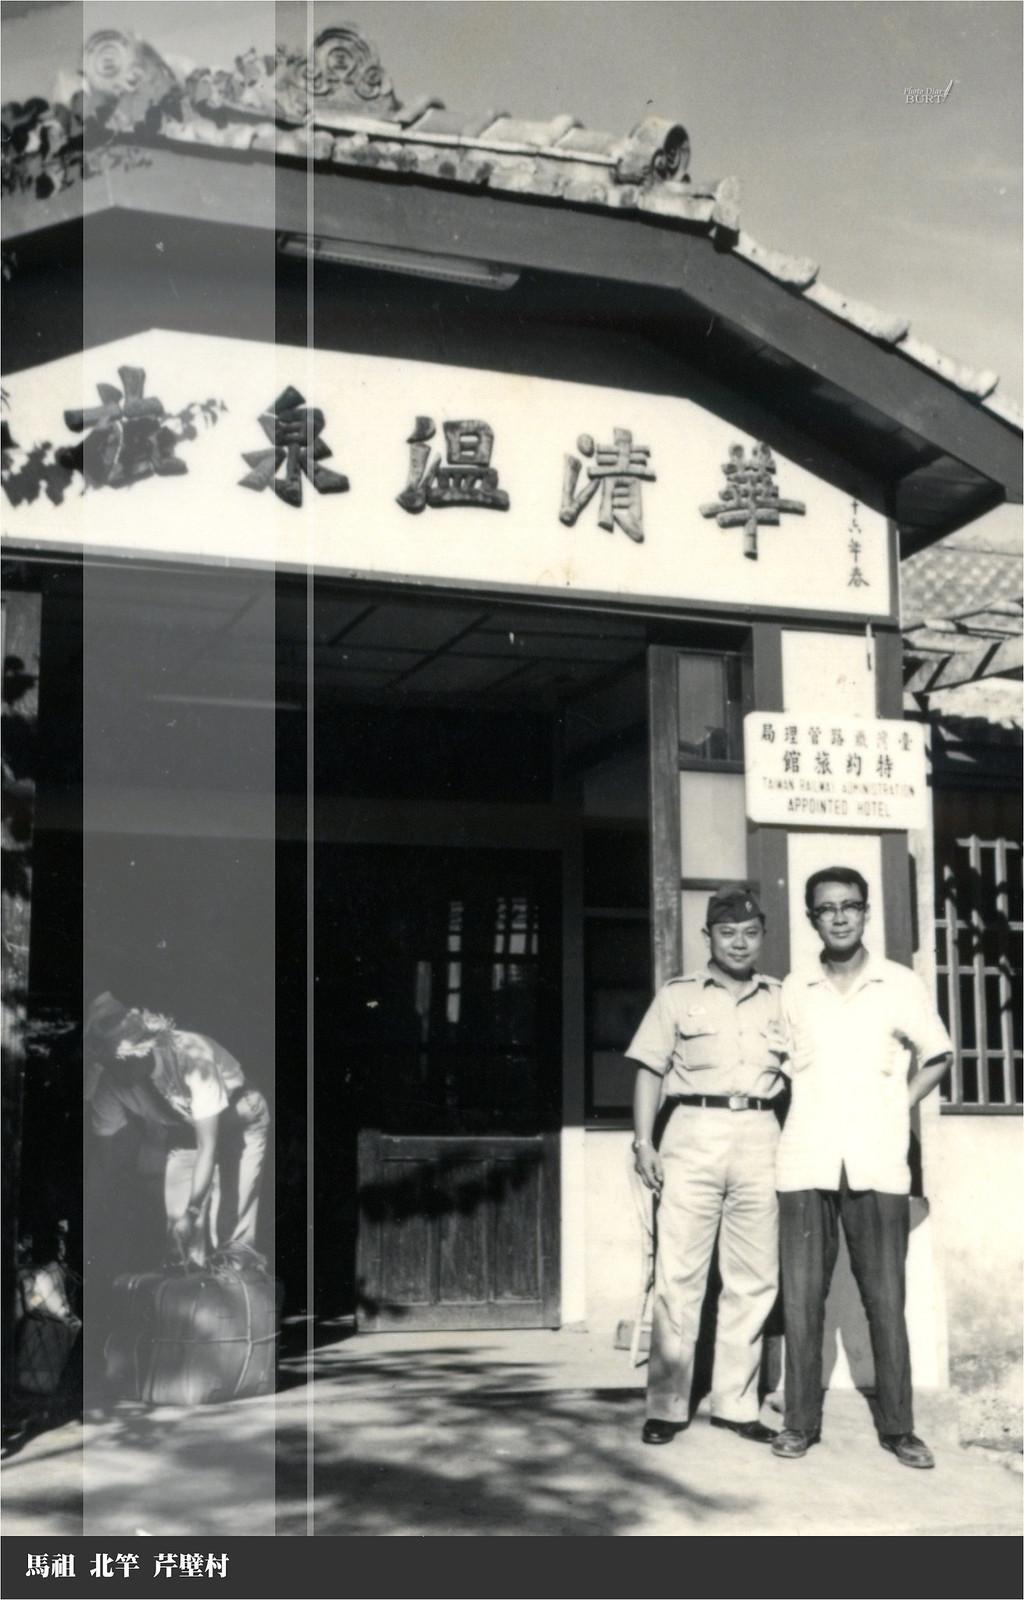 知本華清溫泉旅社